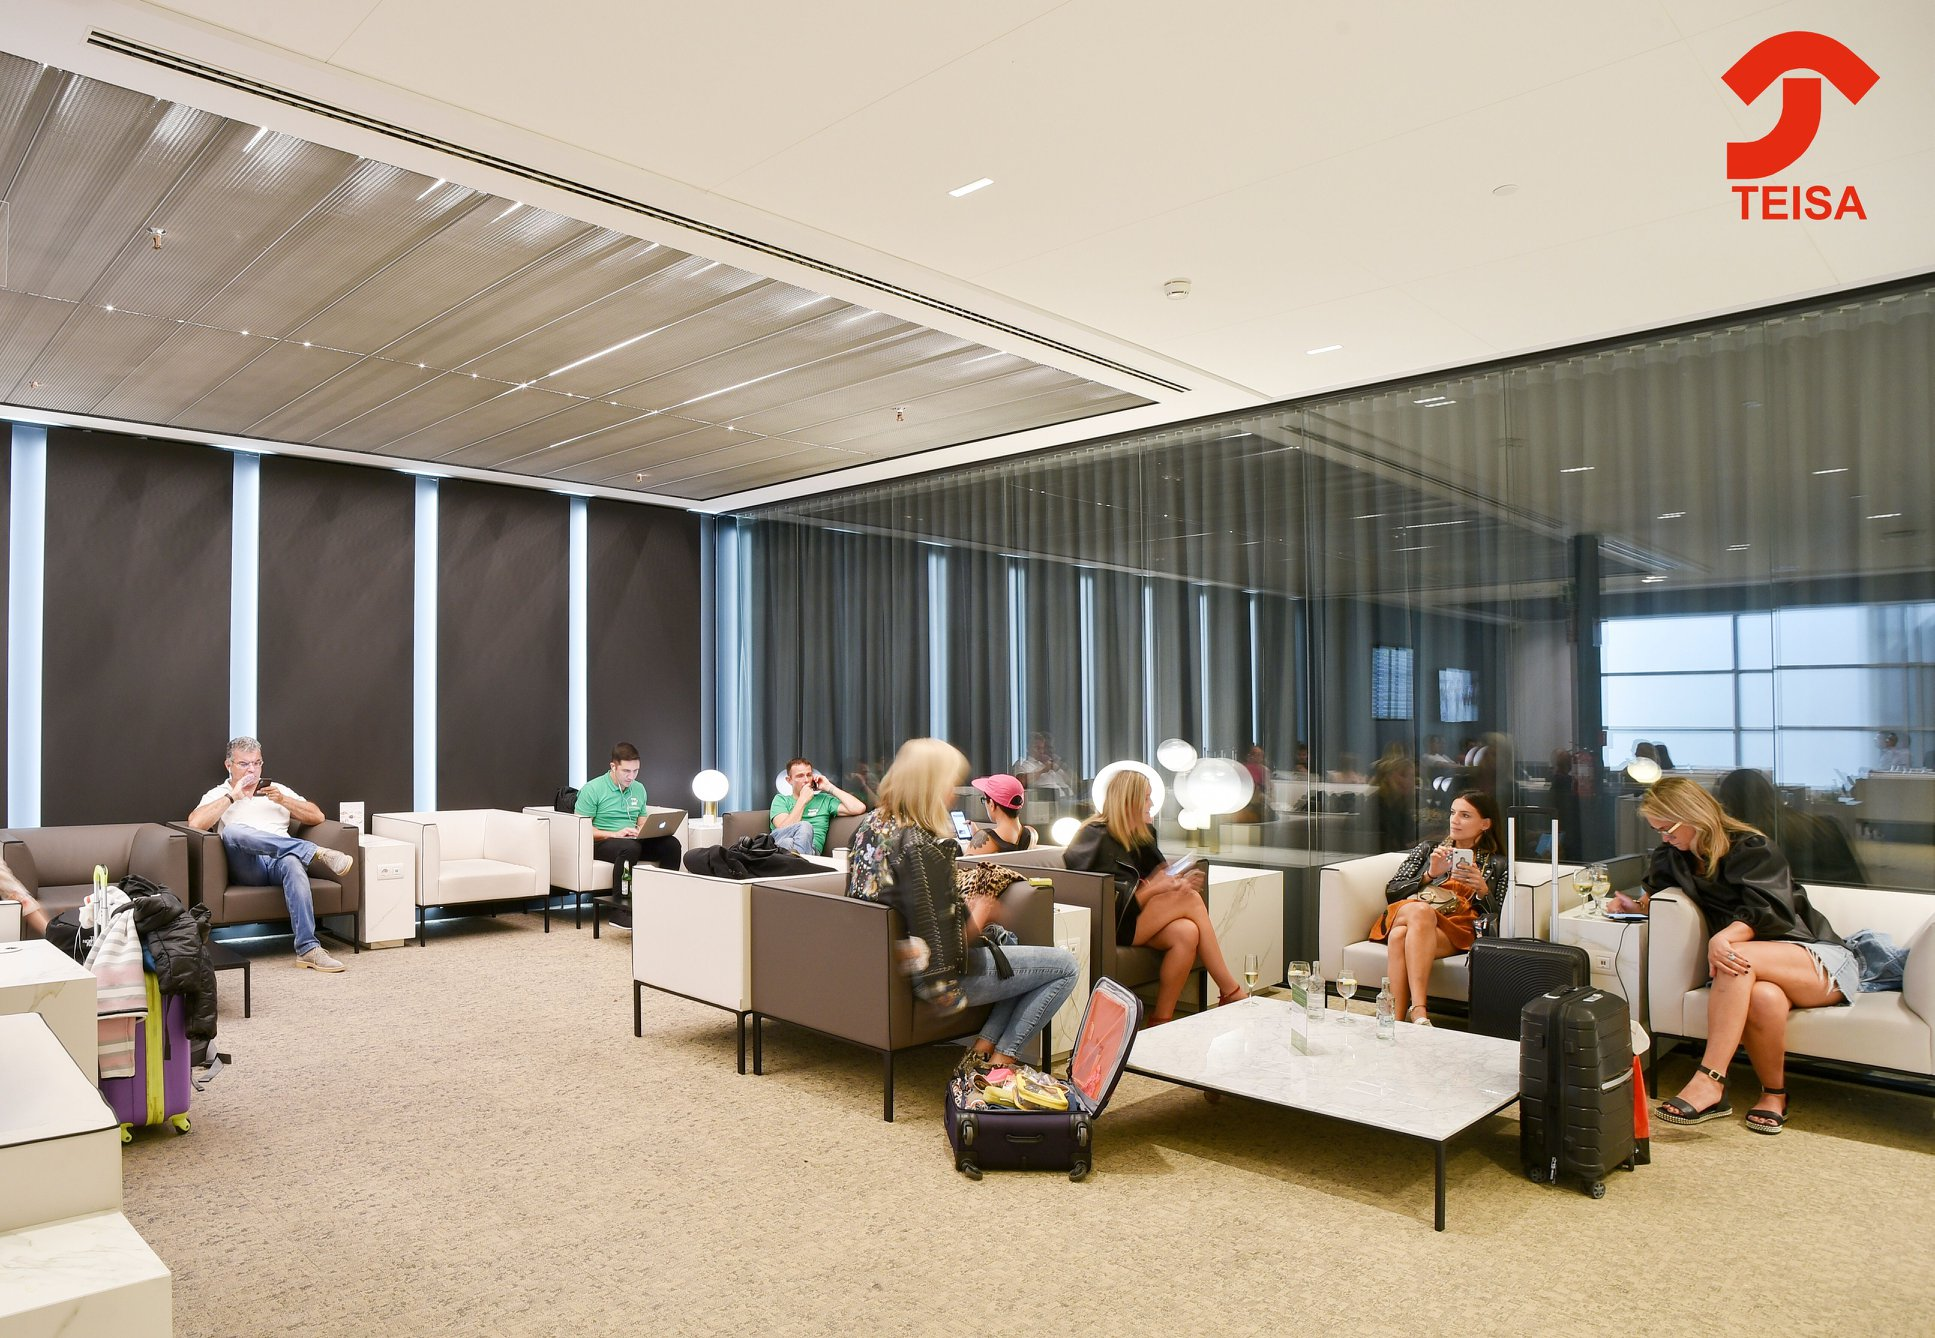 Sala Canudas VIP Lounge trabajos Teisa